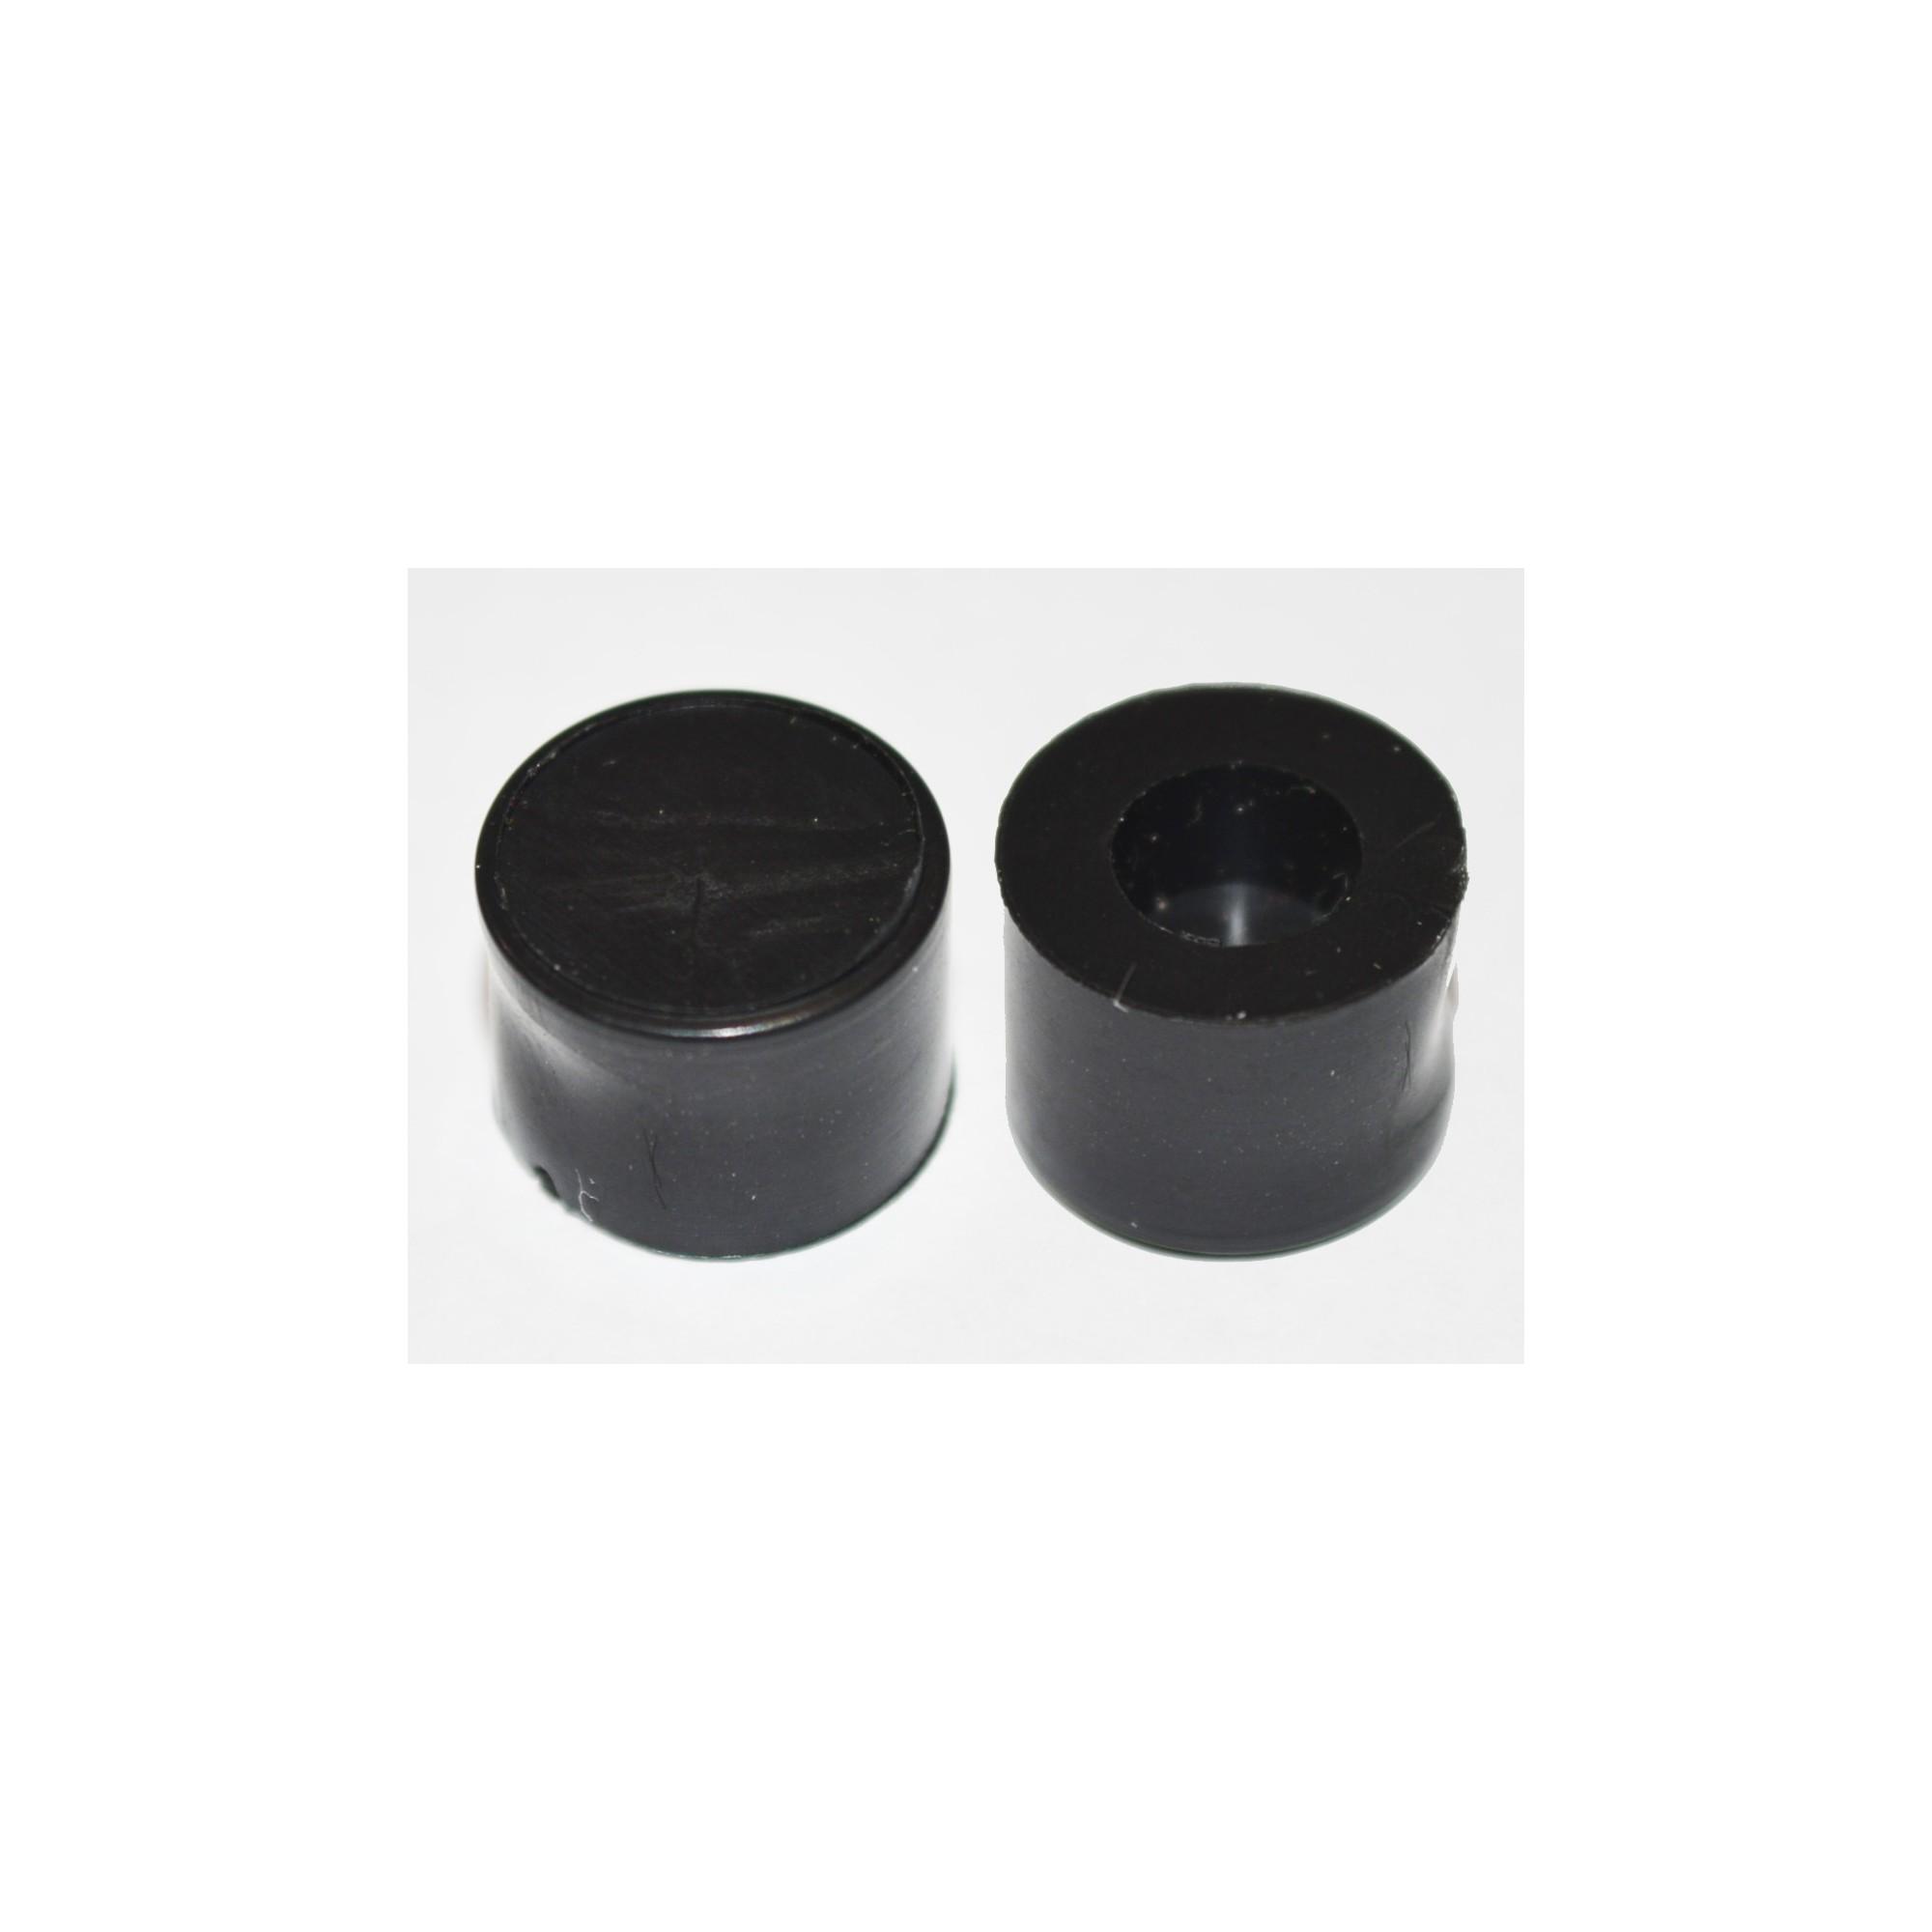 Упаковка мембран 10 шт для заливного механизма шар-кран под поплавок отечественный  - 1